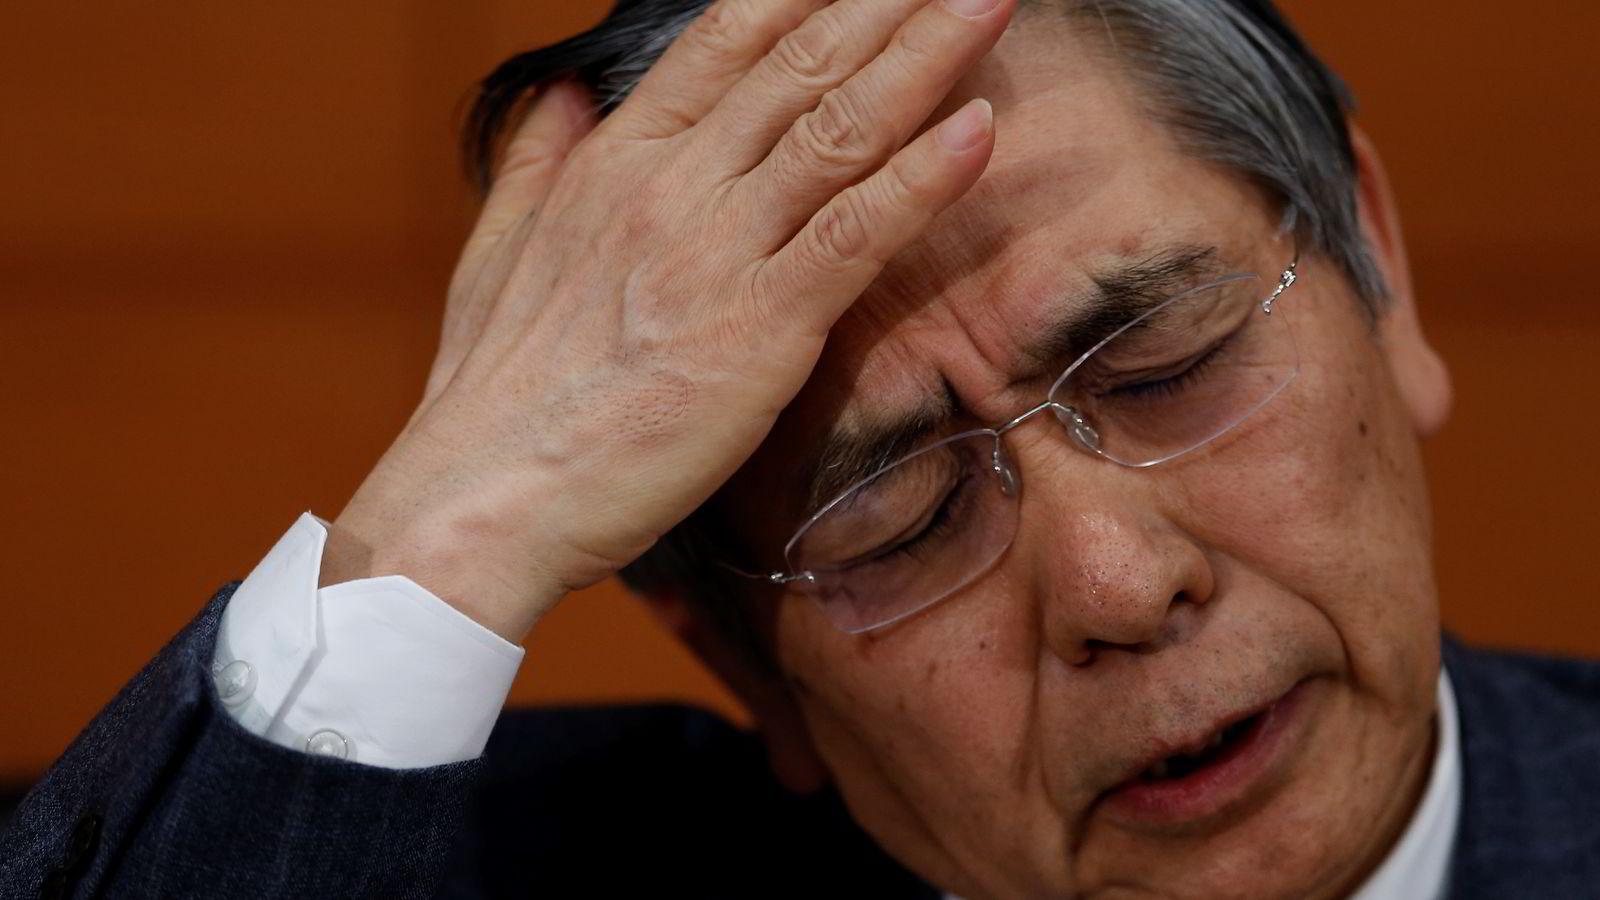 Sentralbanksjef Haruhiko Kuroda vil ikke nøle med å sette inn ny ammunisjon for å nå prisvekstmålet.